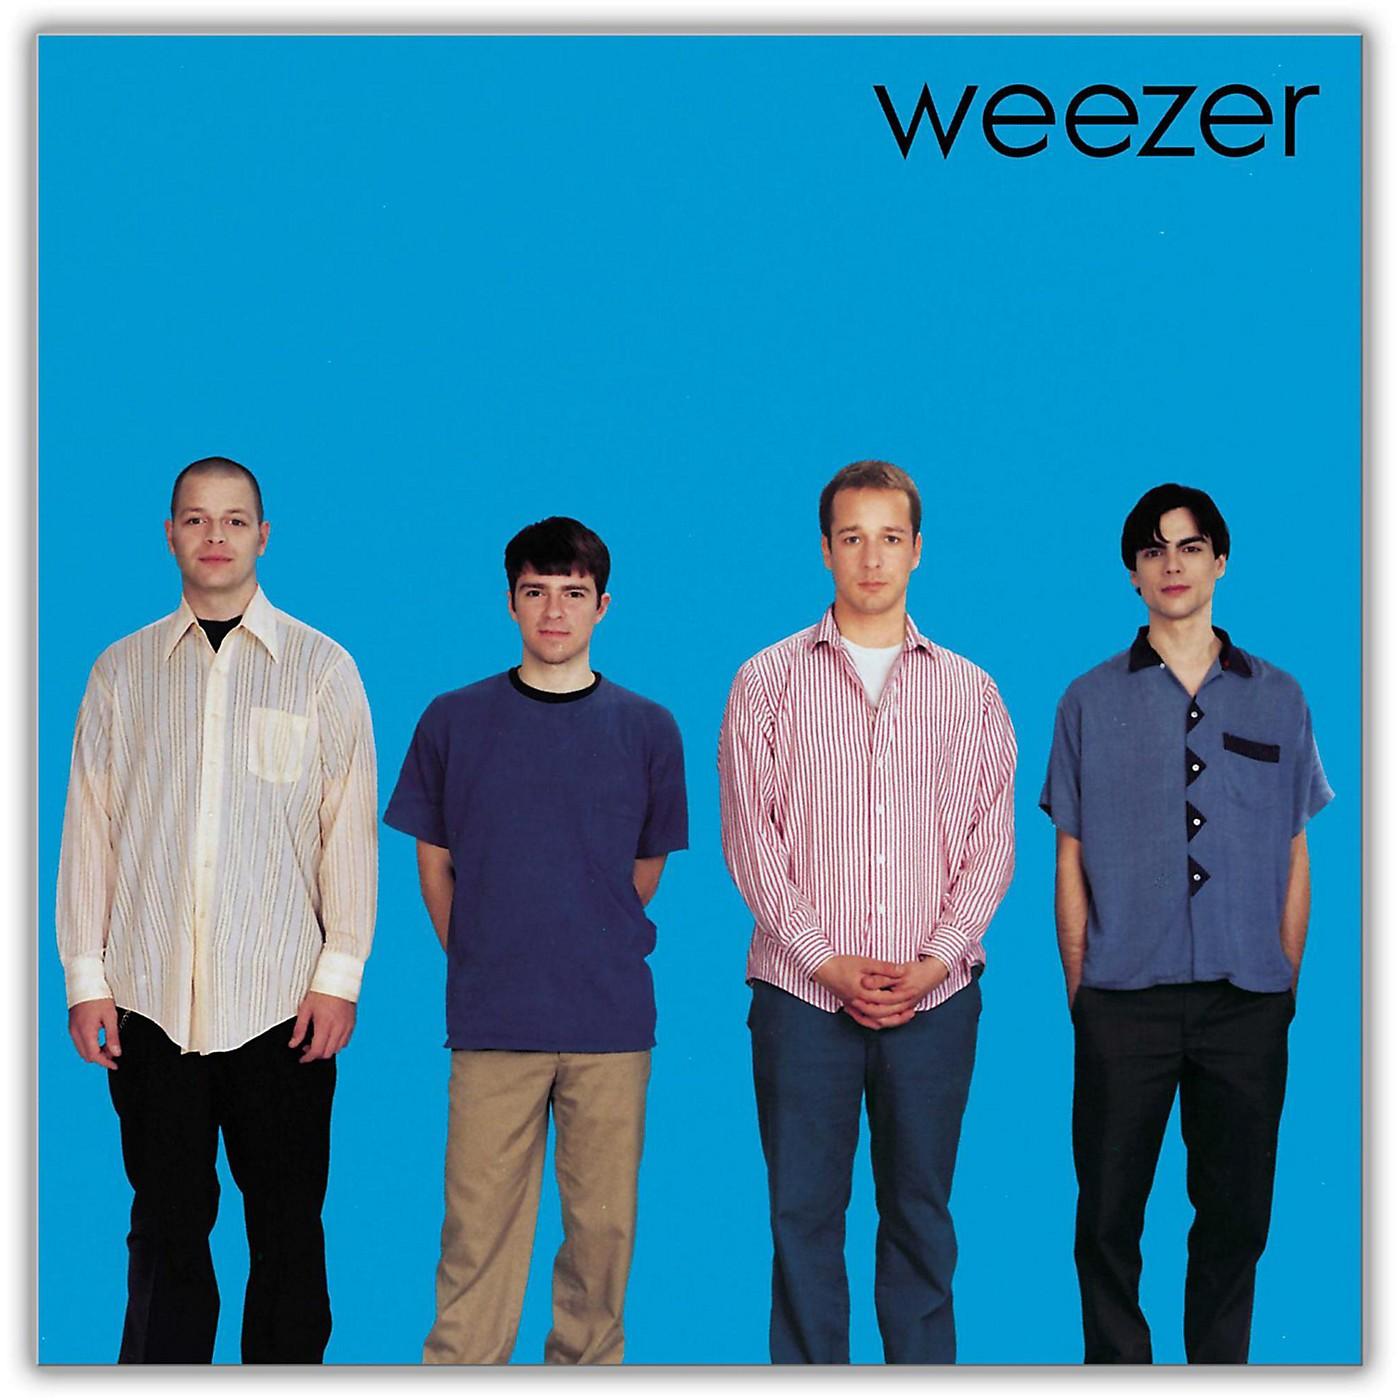 Universal Music Group Weezer - Weezer (Blue Album) [LP] thumbnail